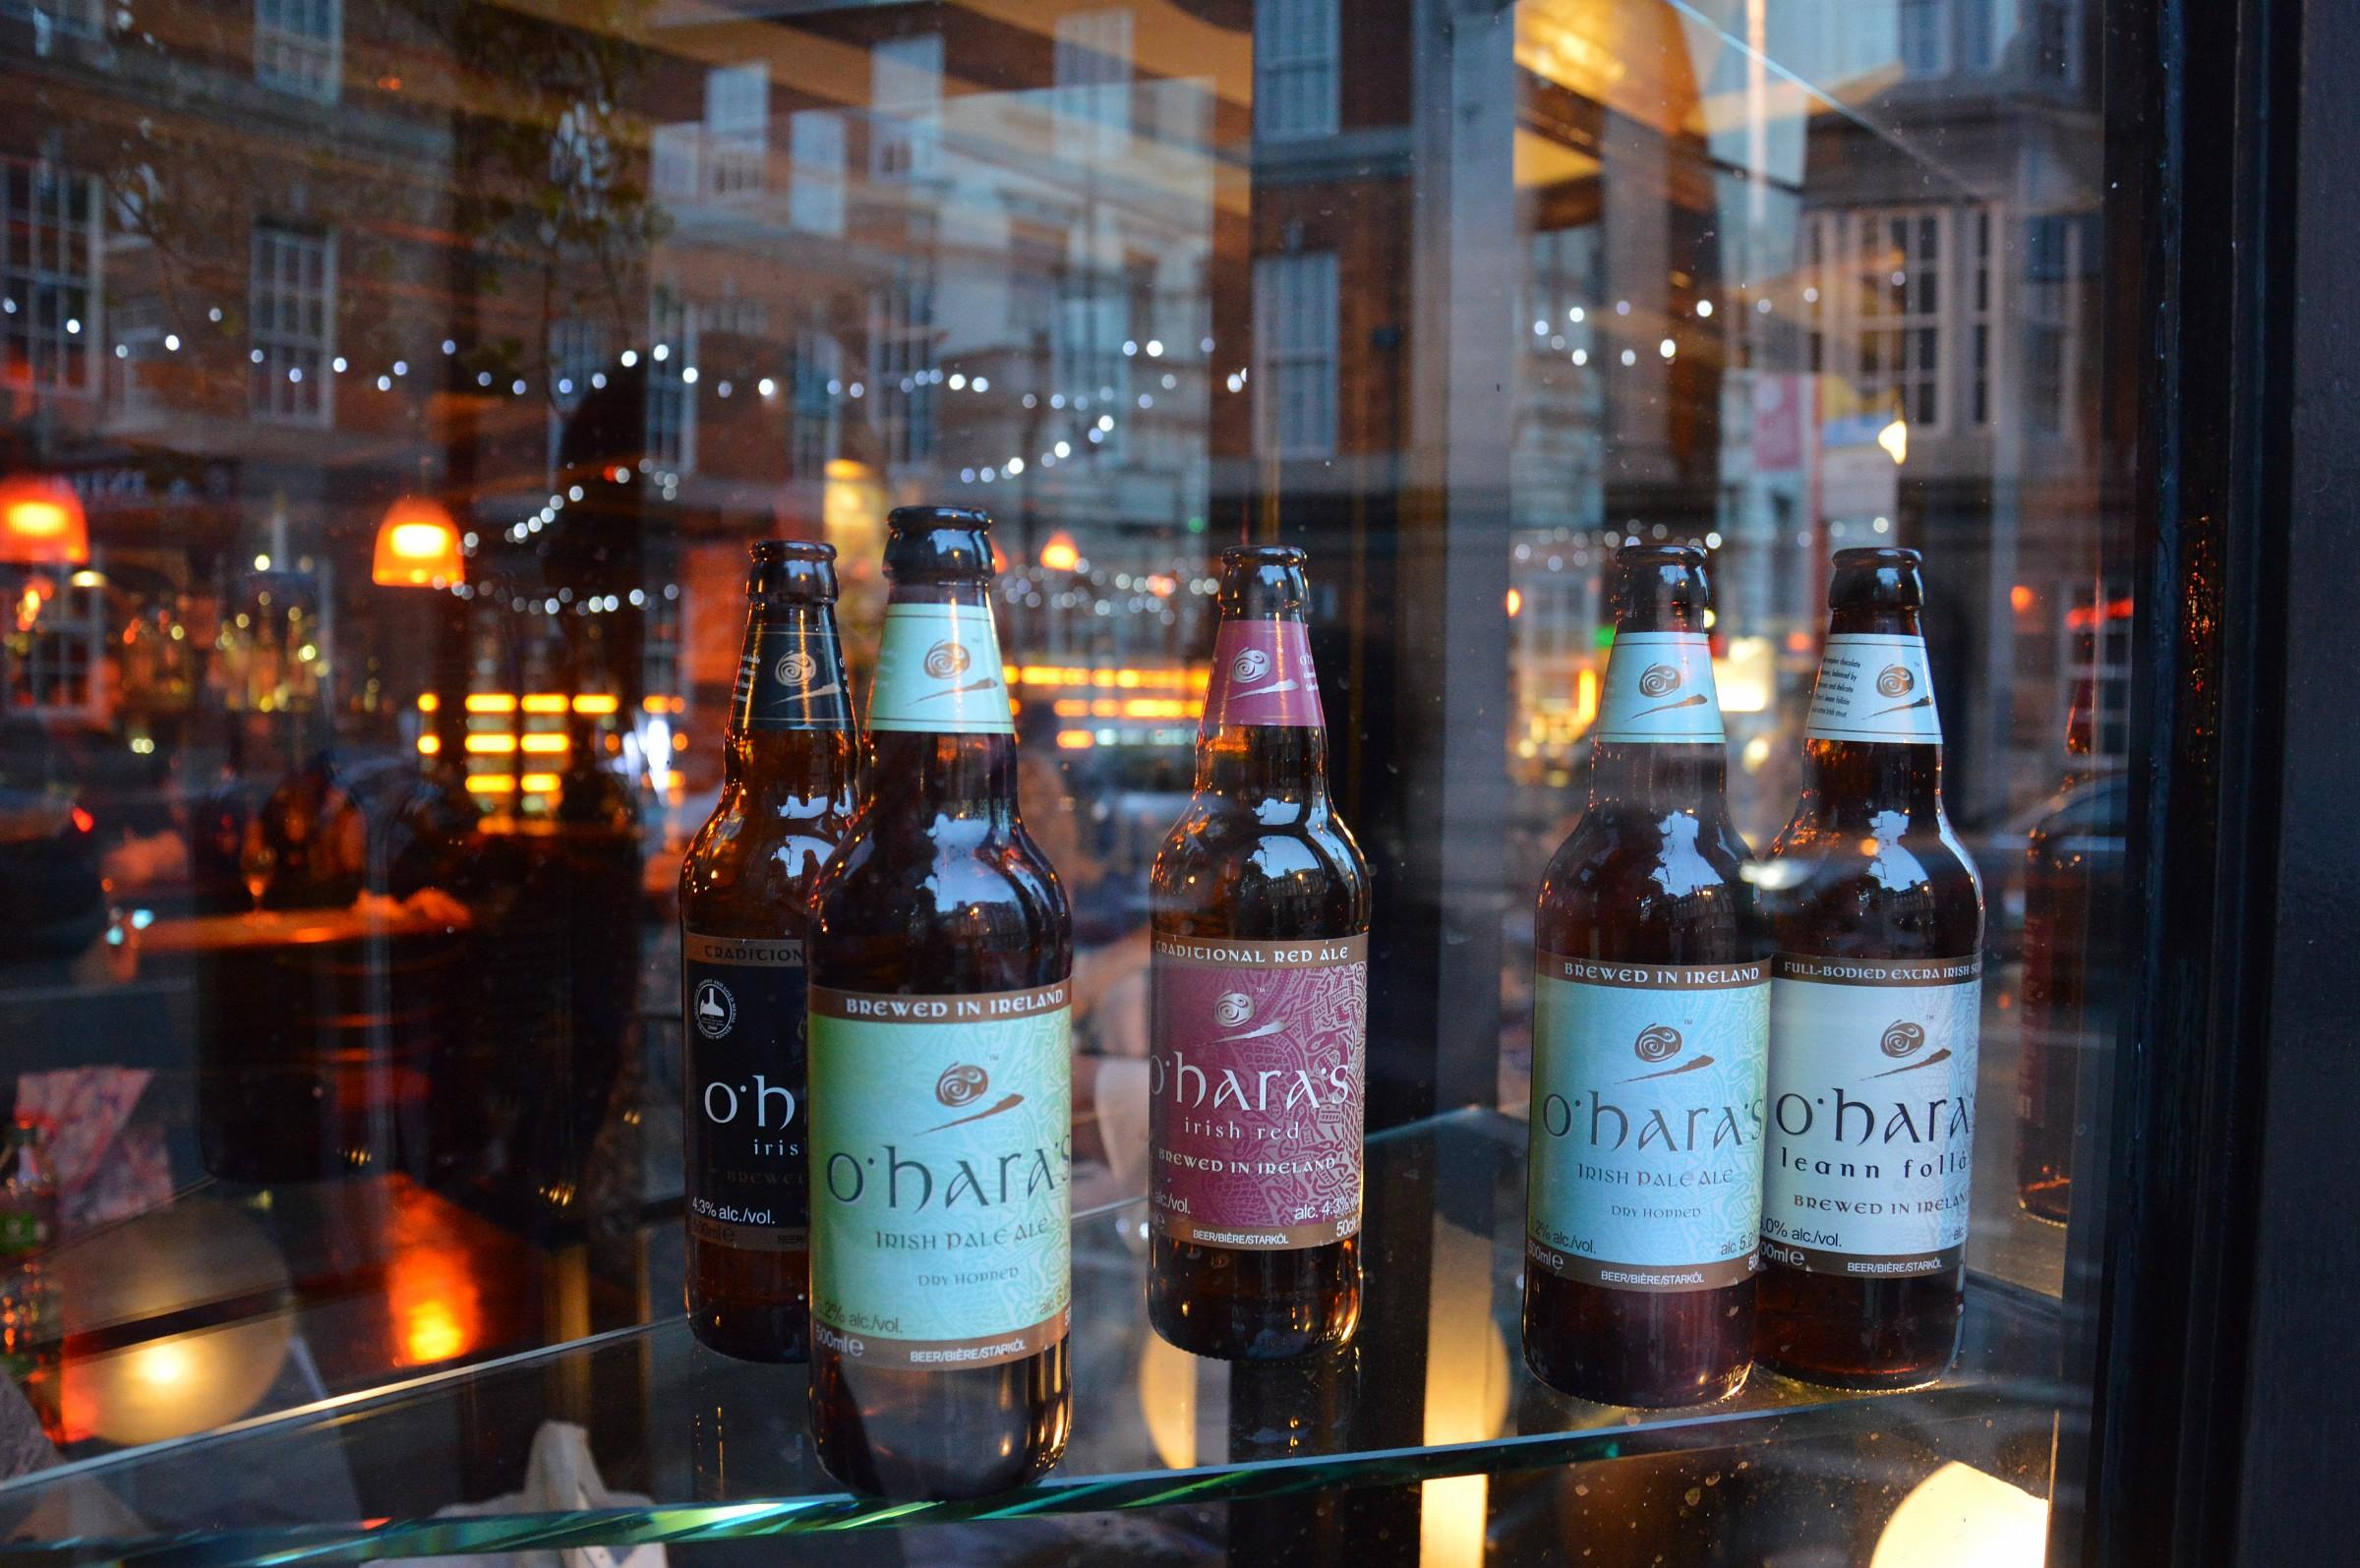 Bottle in Ireland...